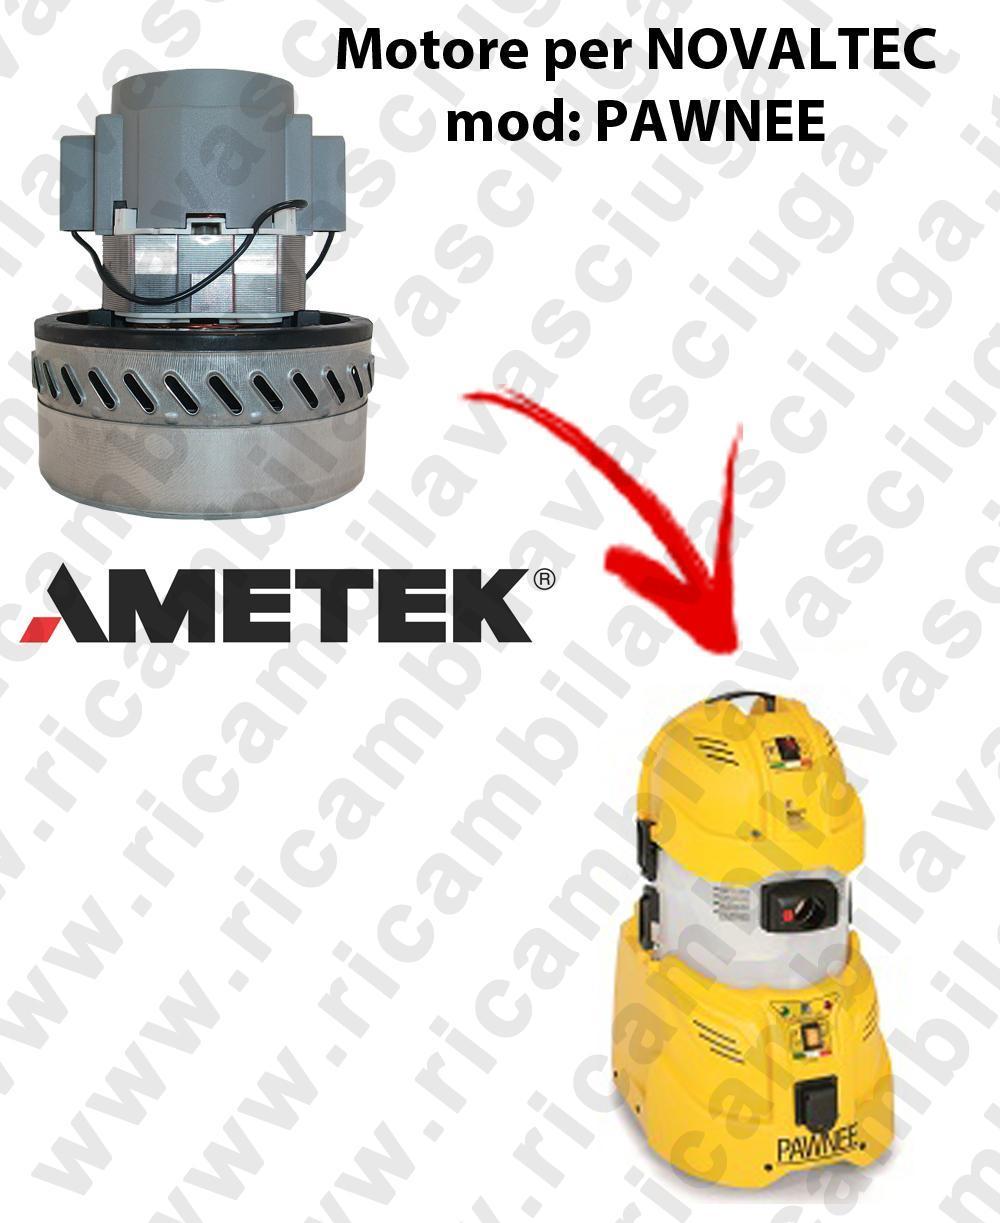 PAWNEE Motore de aspiración AMETEK para aspiradora NOVALTEC